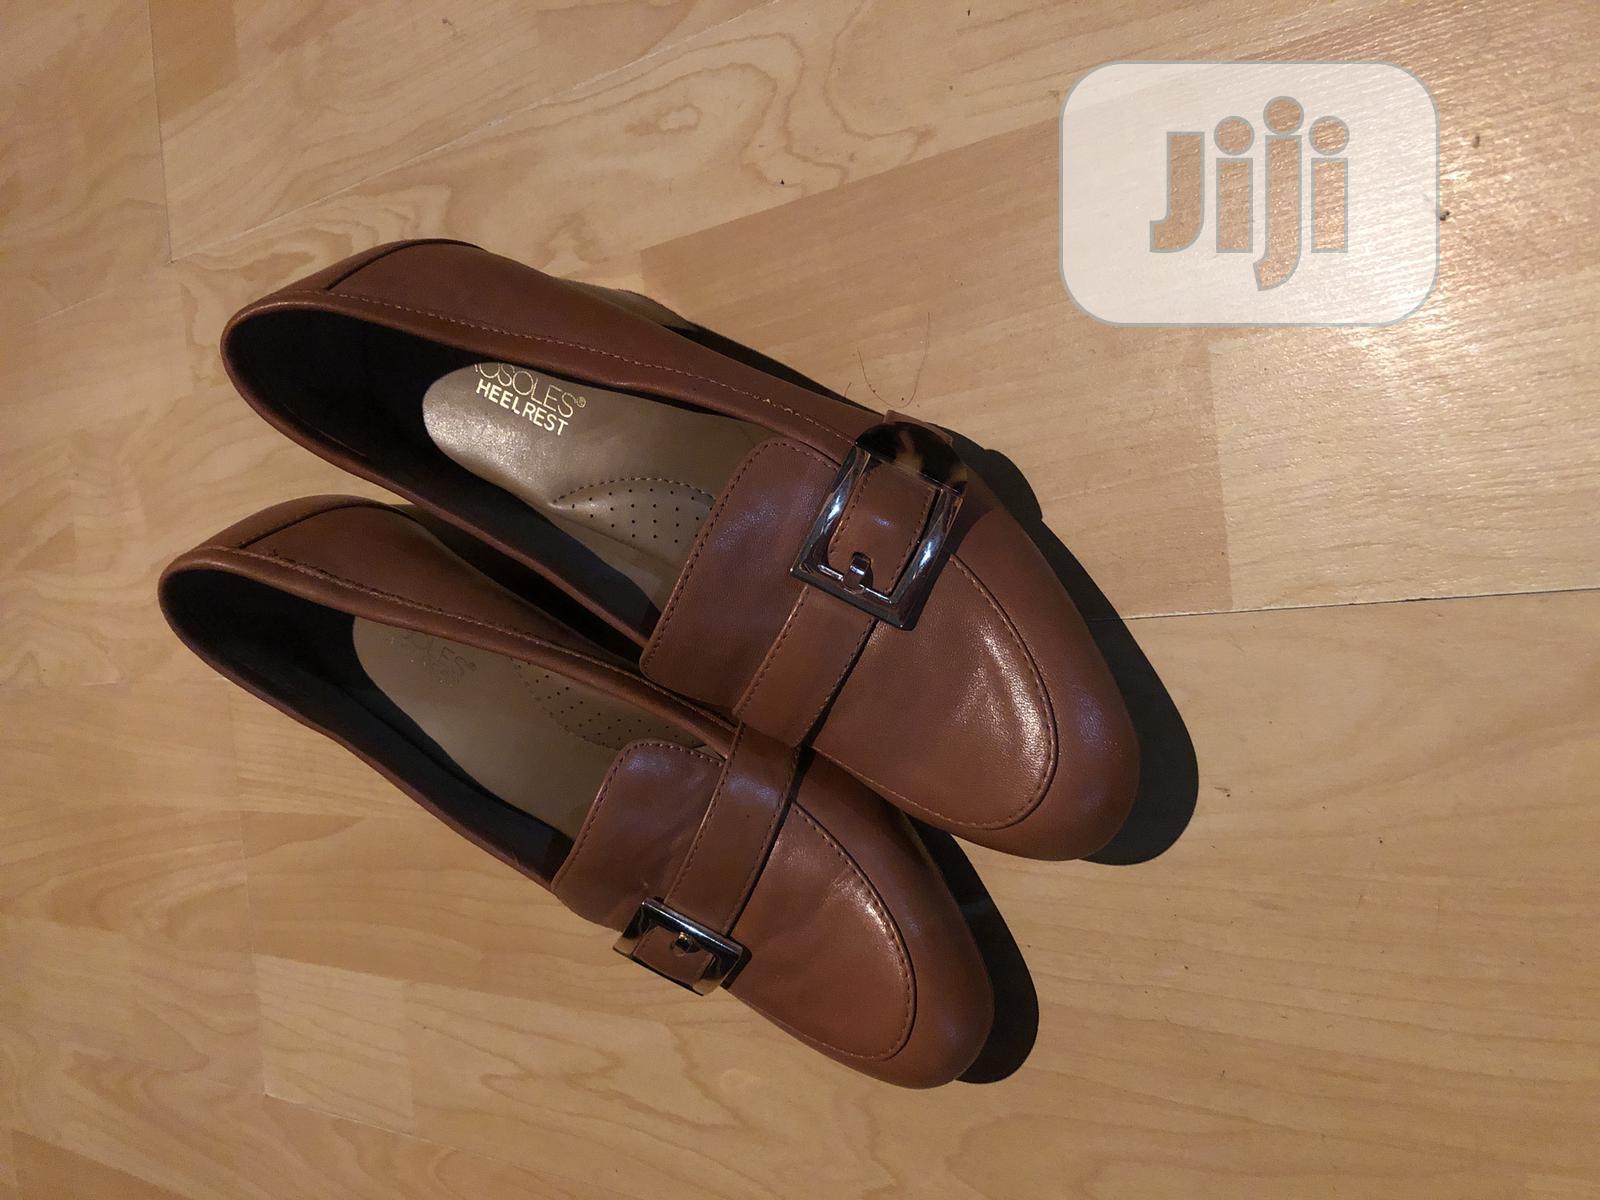 Aerosoles Heel Rest Female Office Shoe